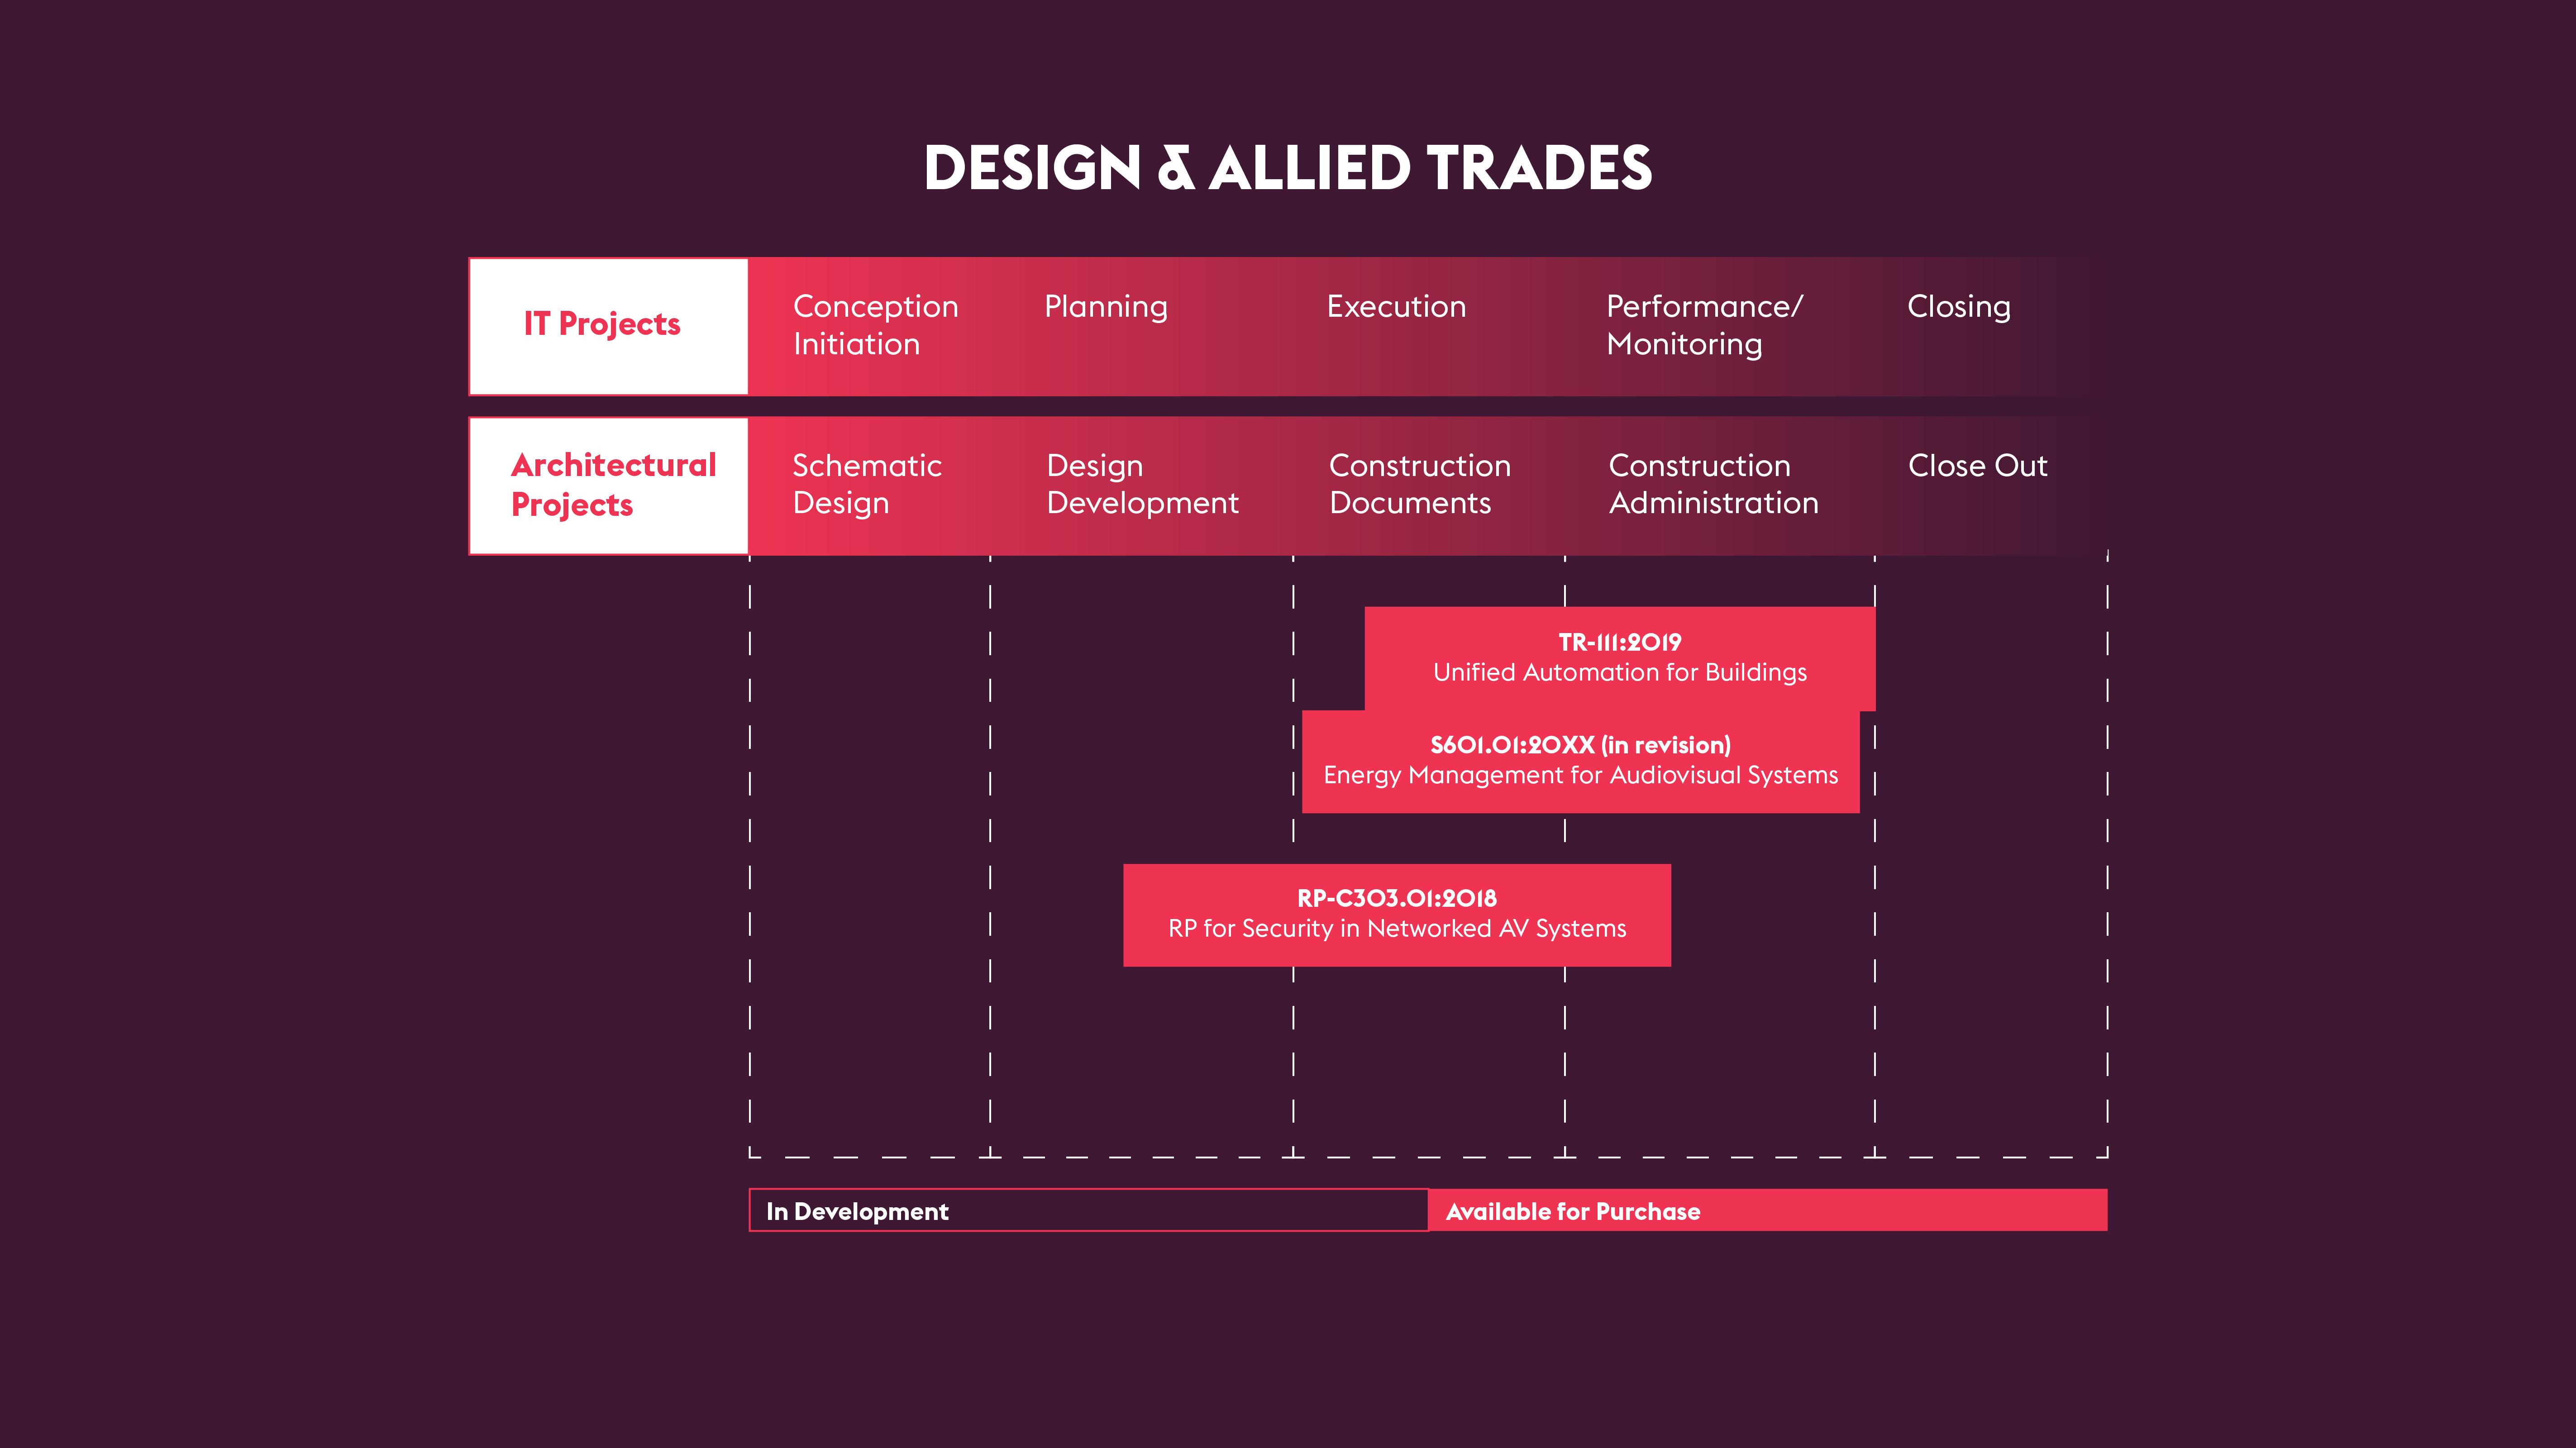 Design & Allied Trades